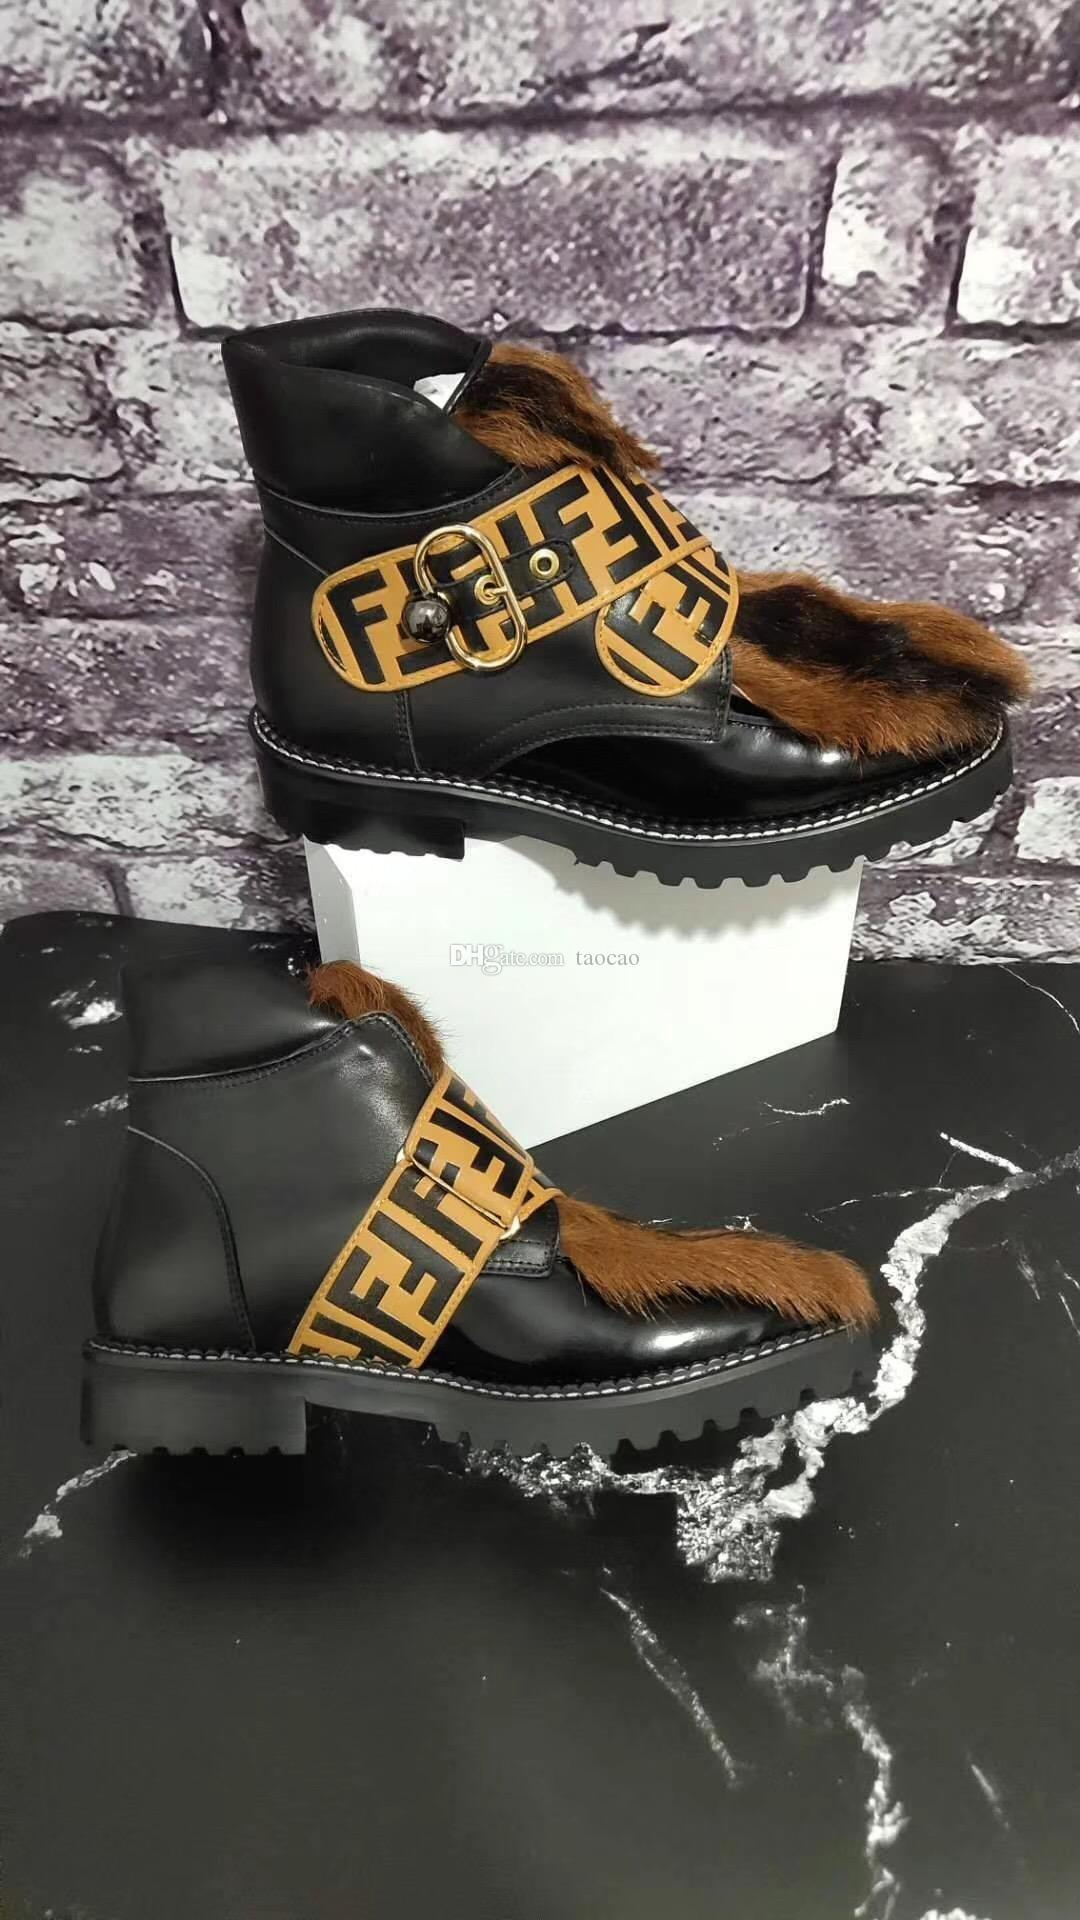 f249ae10c8 Compre Calzado Casual Para Mujer Botines Causal Caballero Botas Para Mujer  Solo Botines Cortos De La Vendimia Resbalón En Los Zapatos Atractivos De La  ...